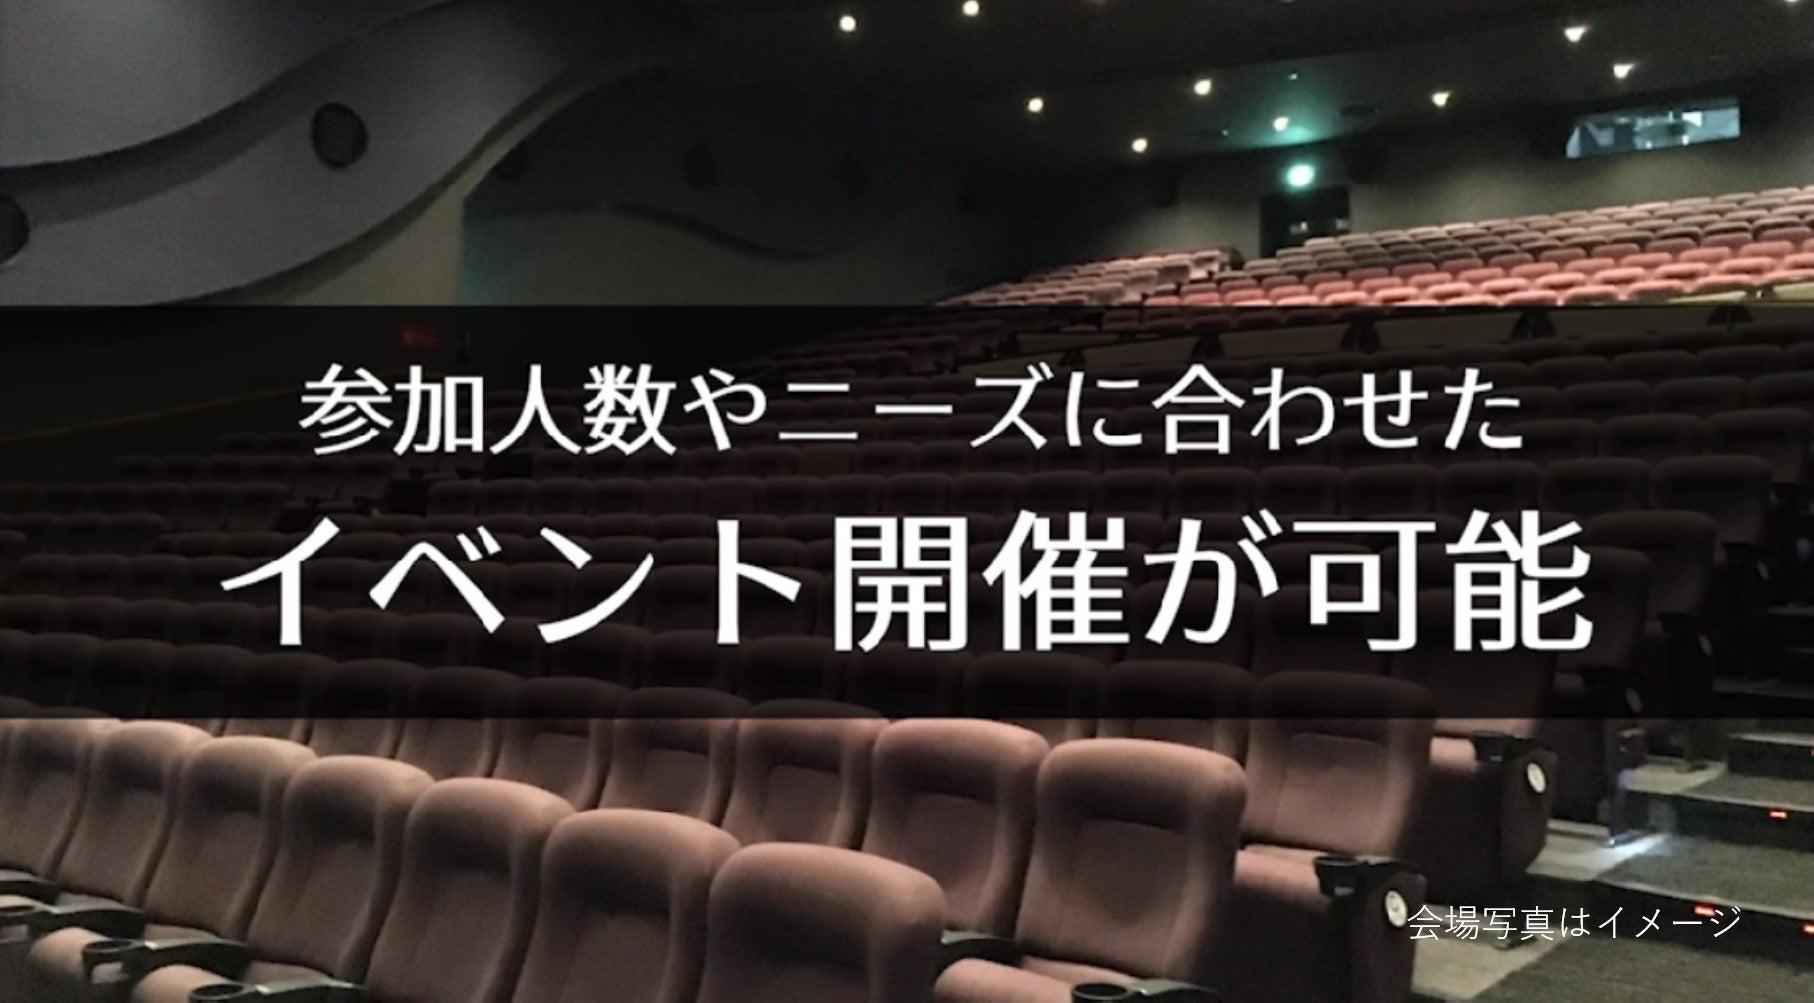 【水戸 173席】映画館で、会社説明会、株主総会、講演会の企画はいかがですか? の写真